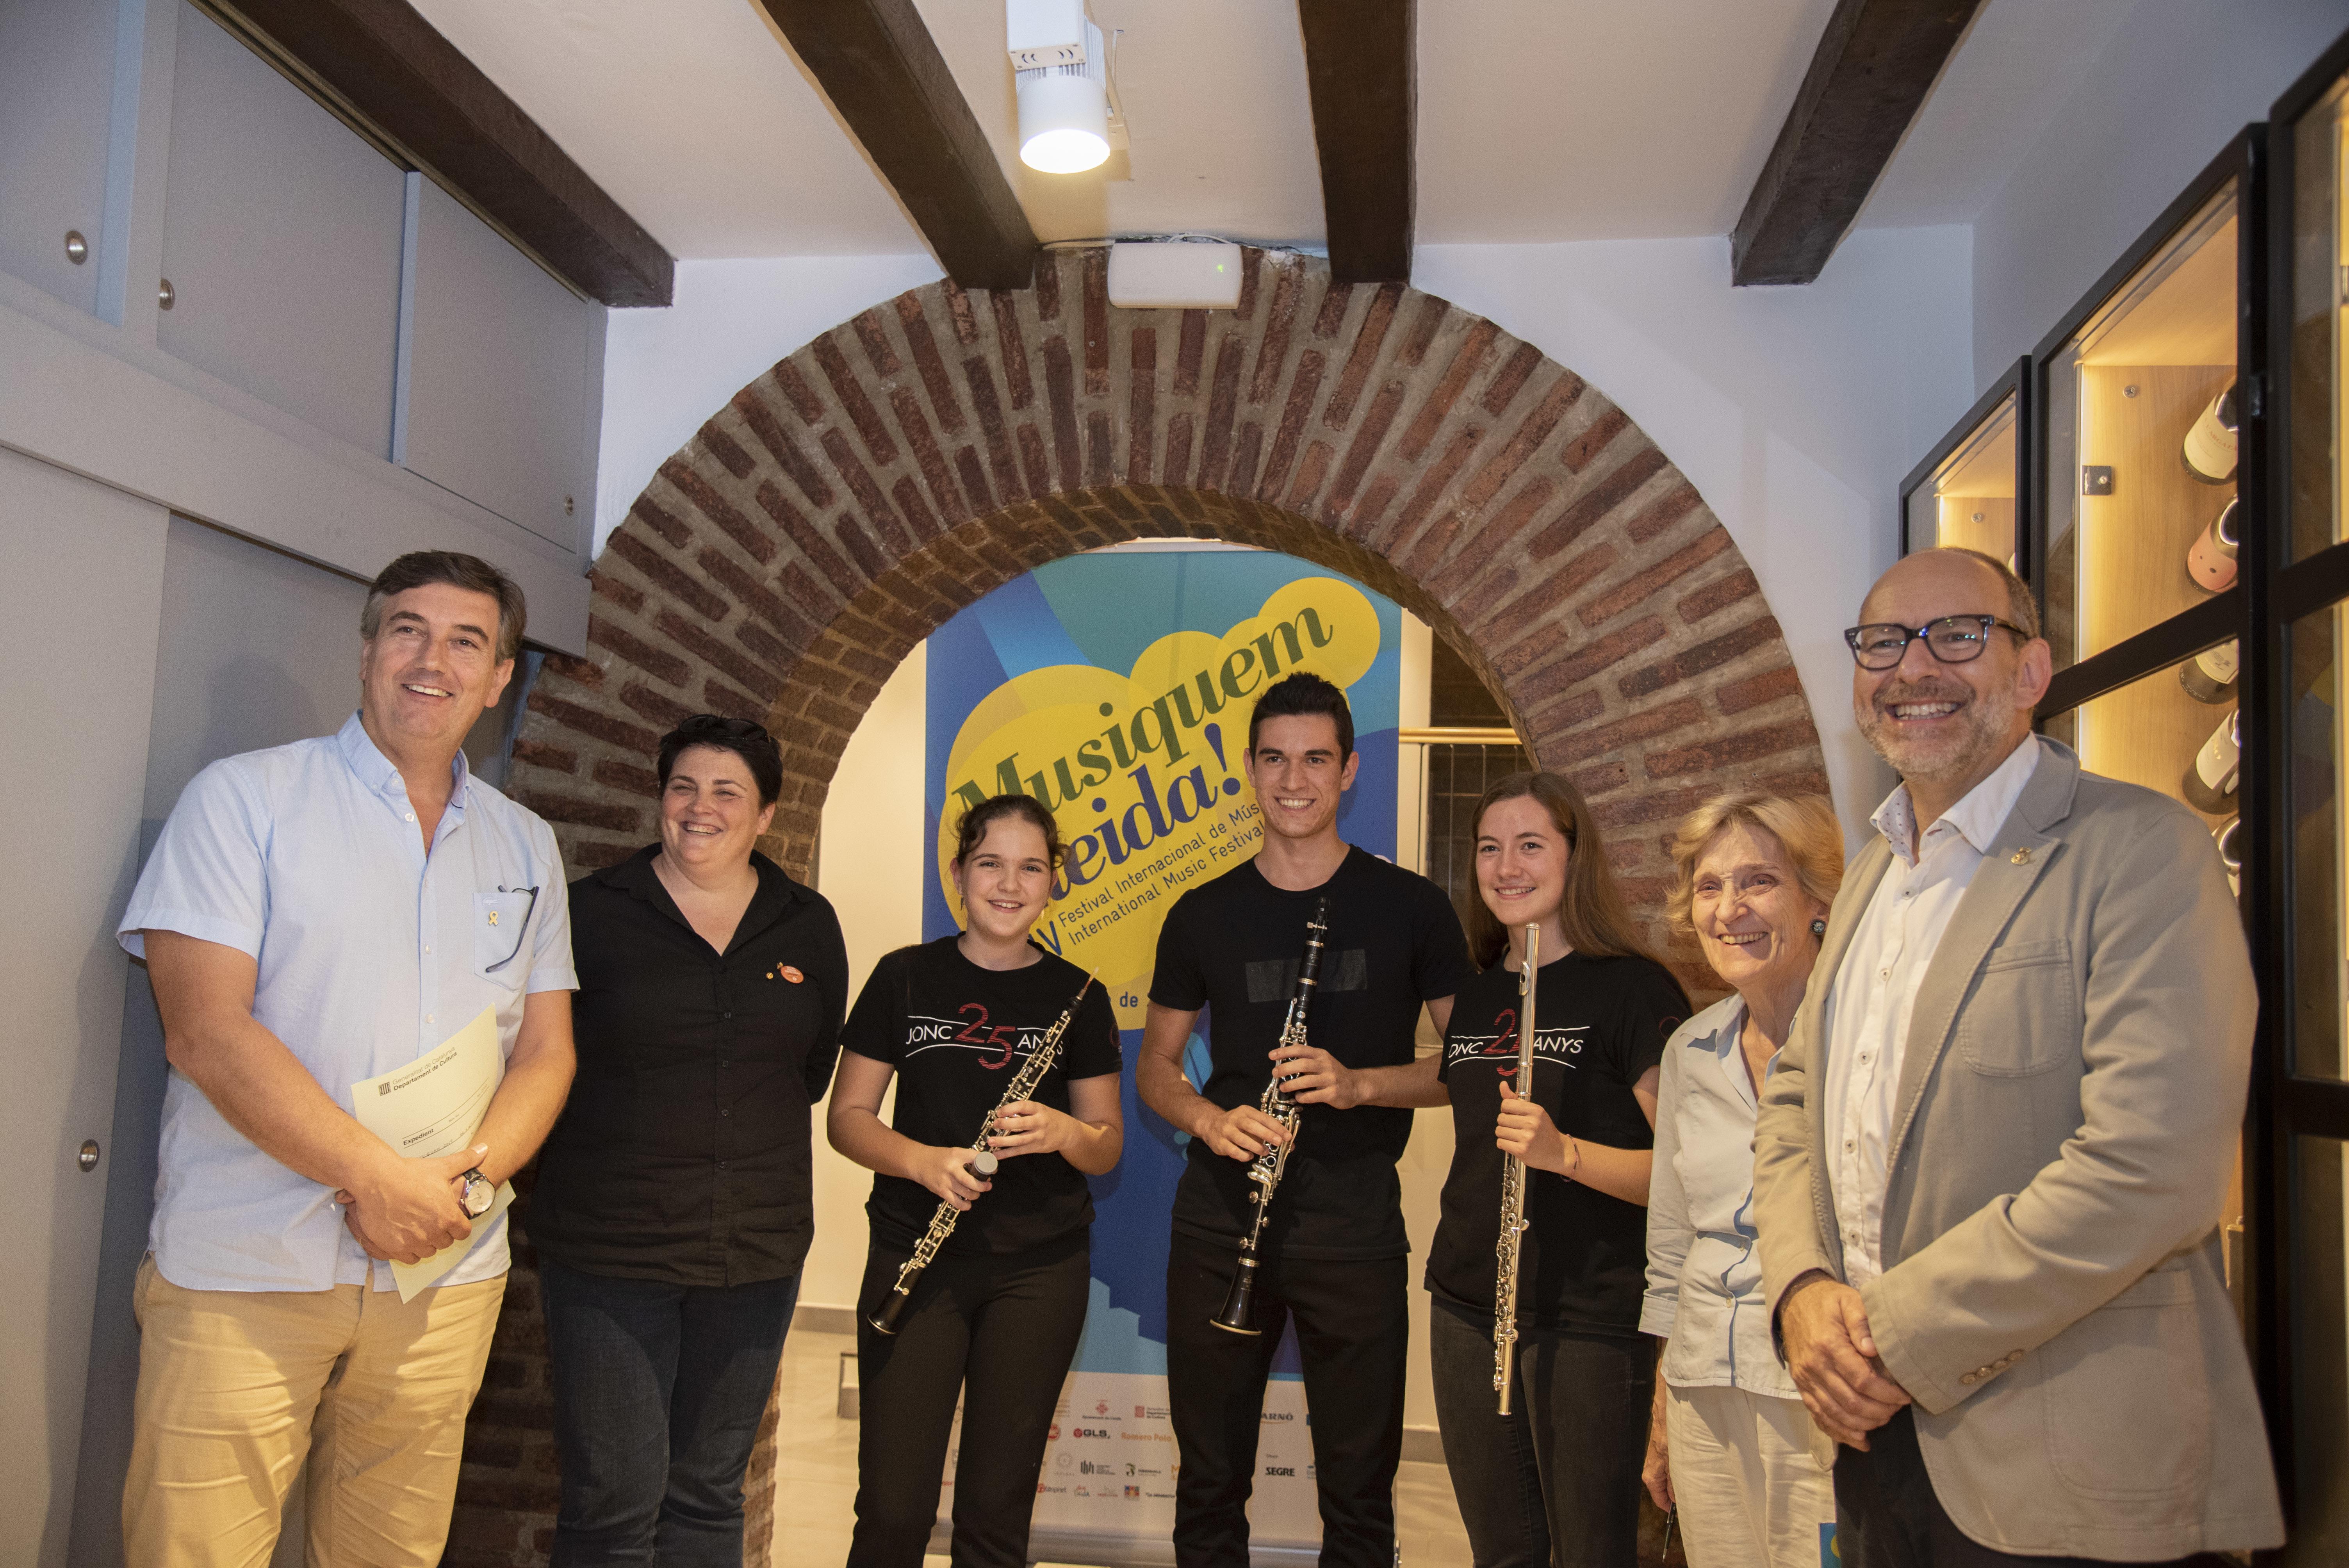 La XIV edició del Festival internacional Musiquem Lleida s'amplia amb més activitats paral·leles